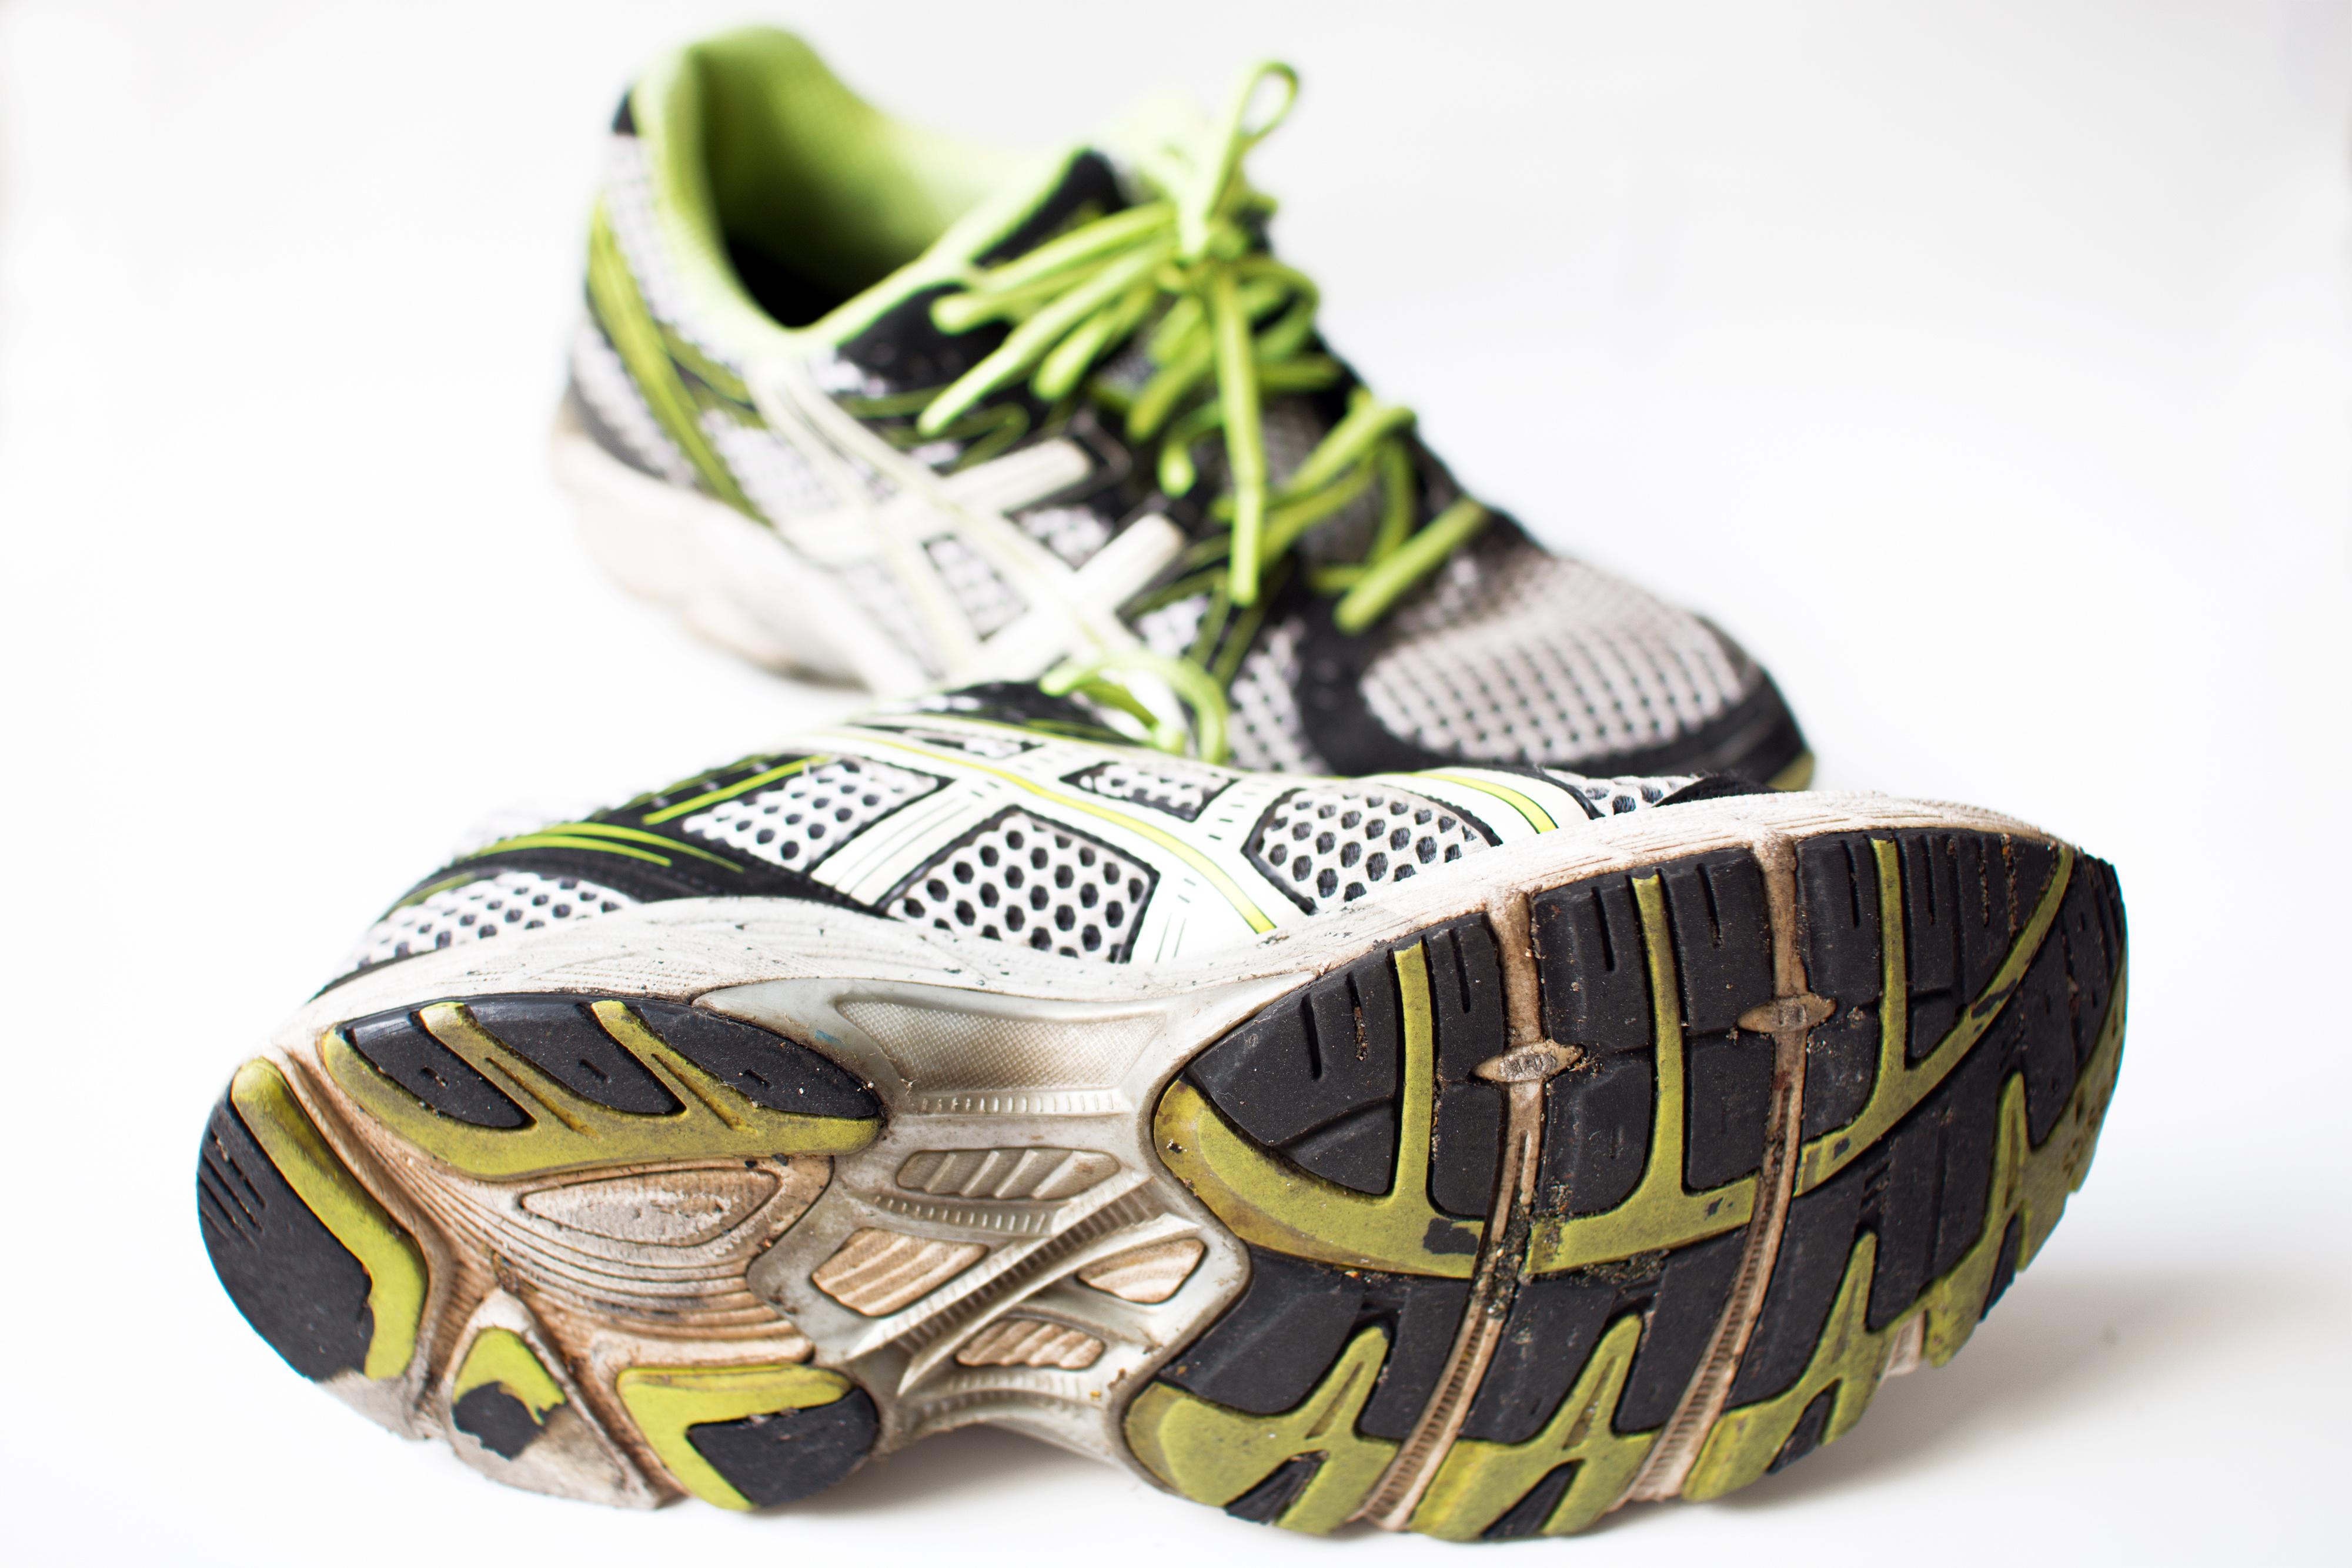 Kdy vyhodit staré běžecké boty?